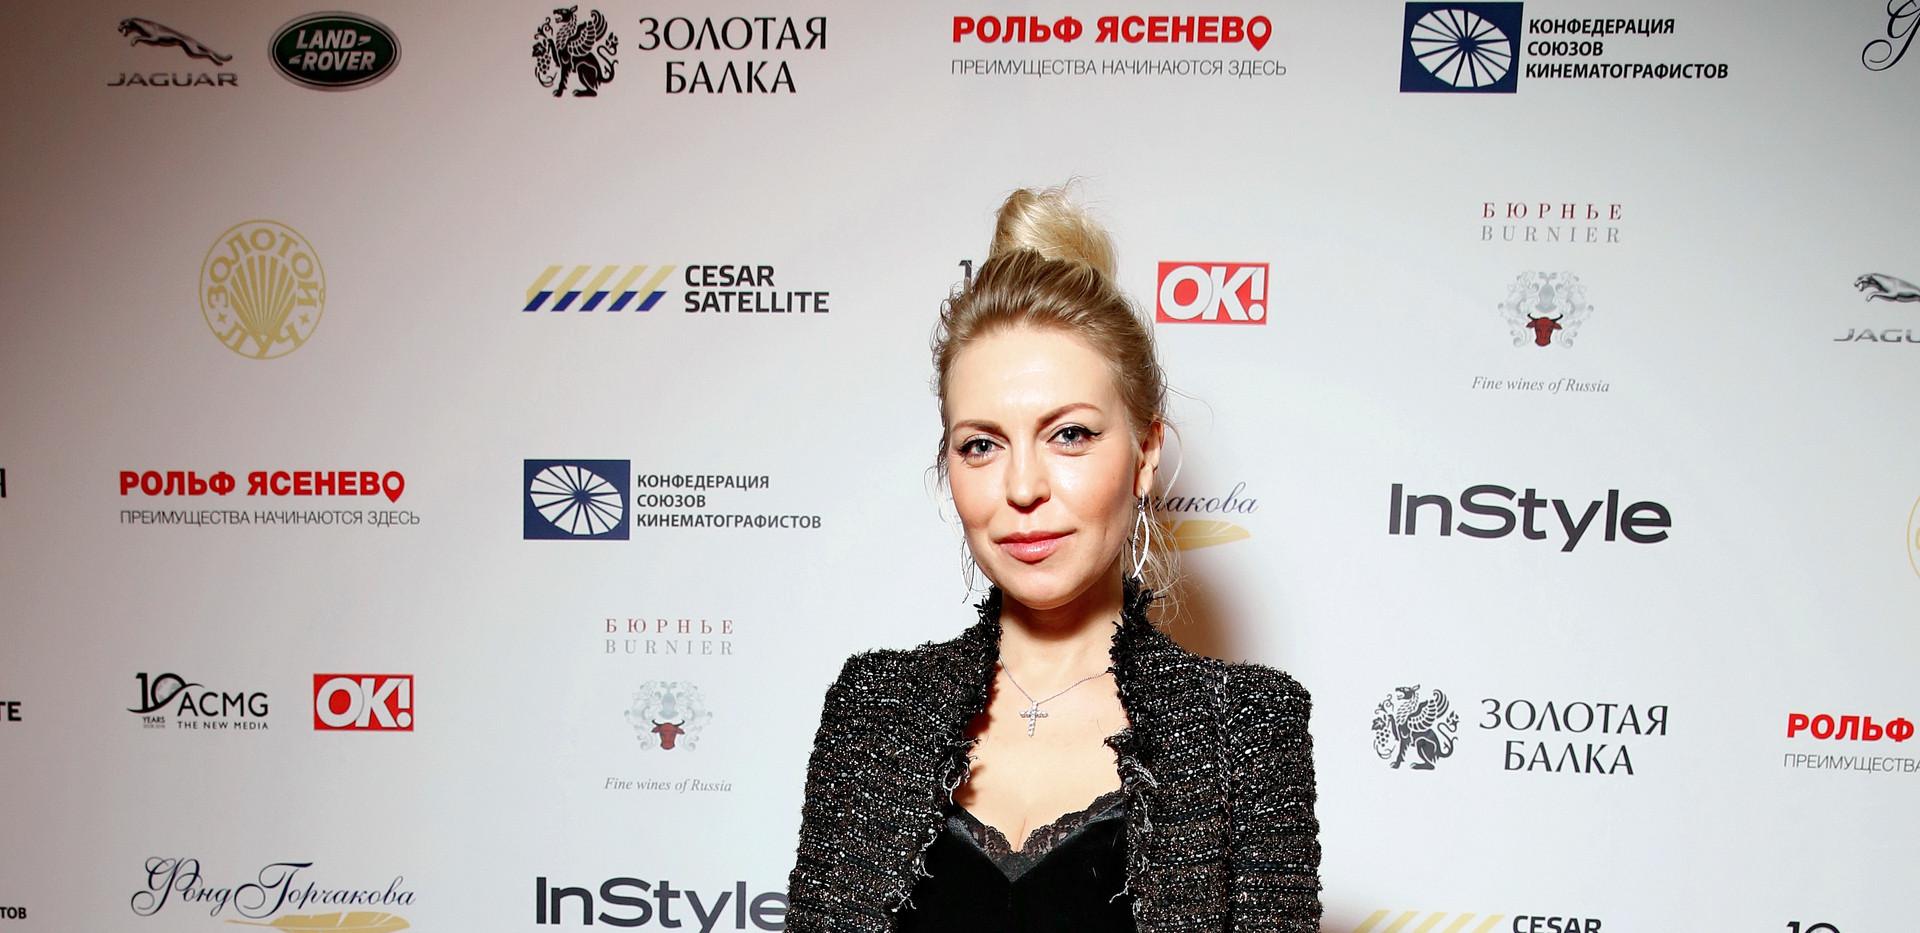 Дарья Михалкова.JPG